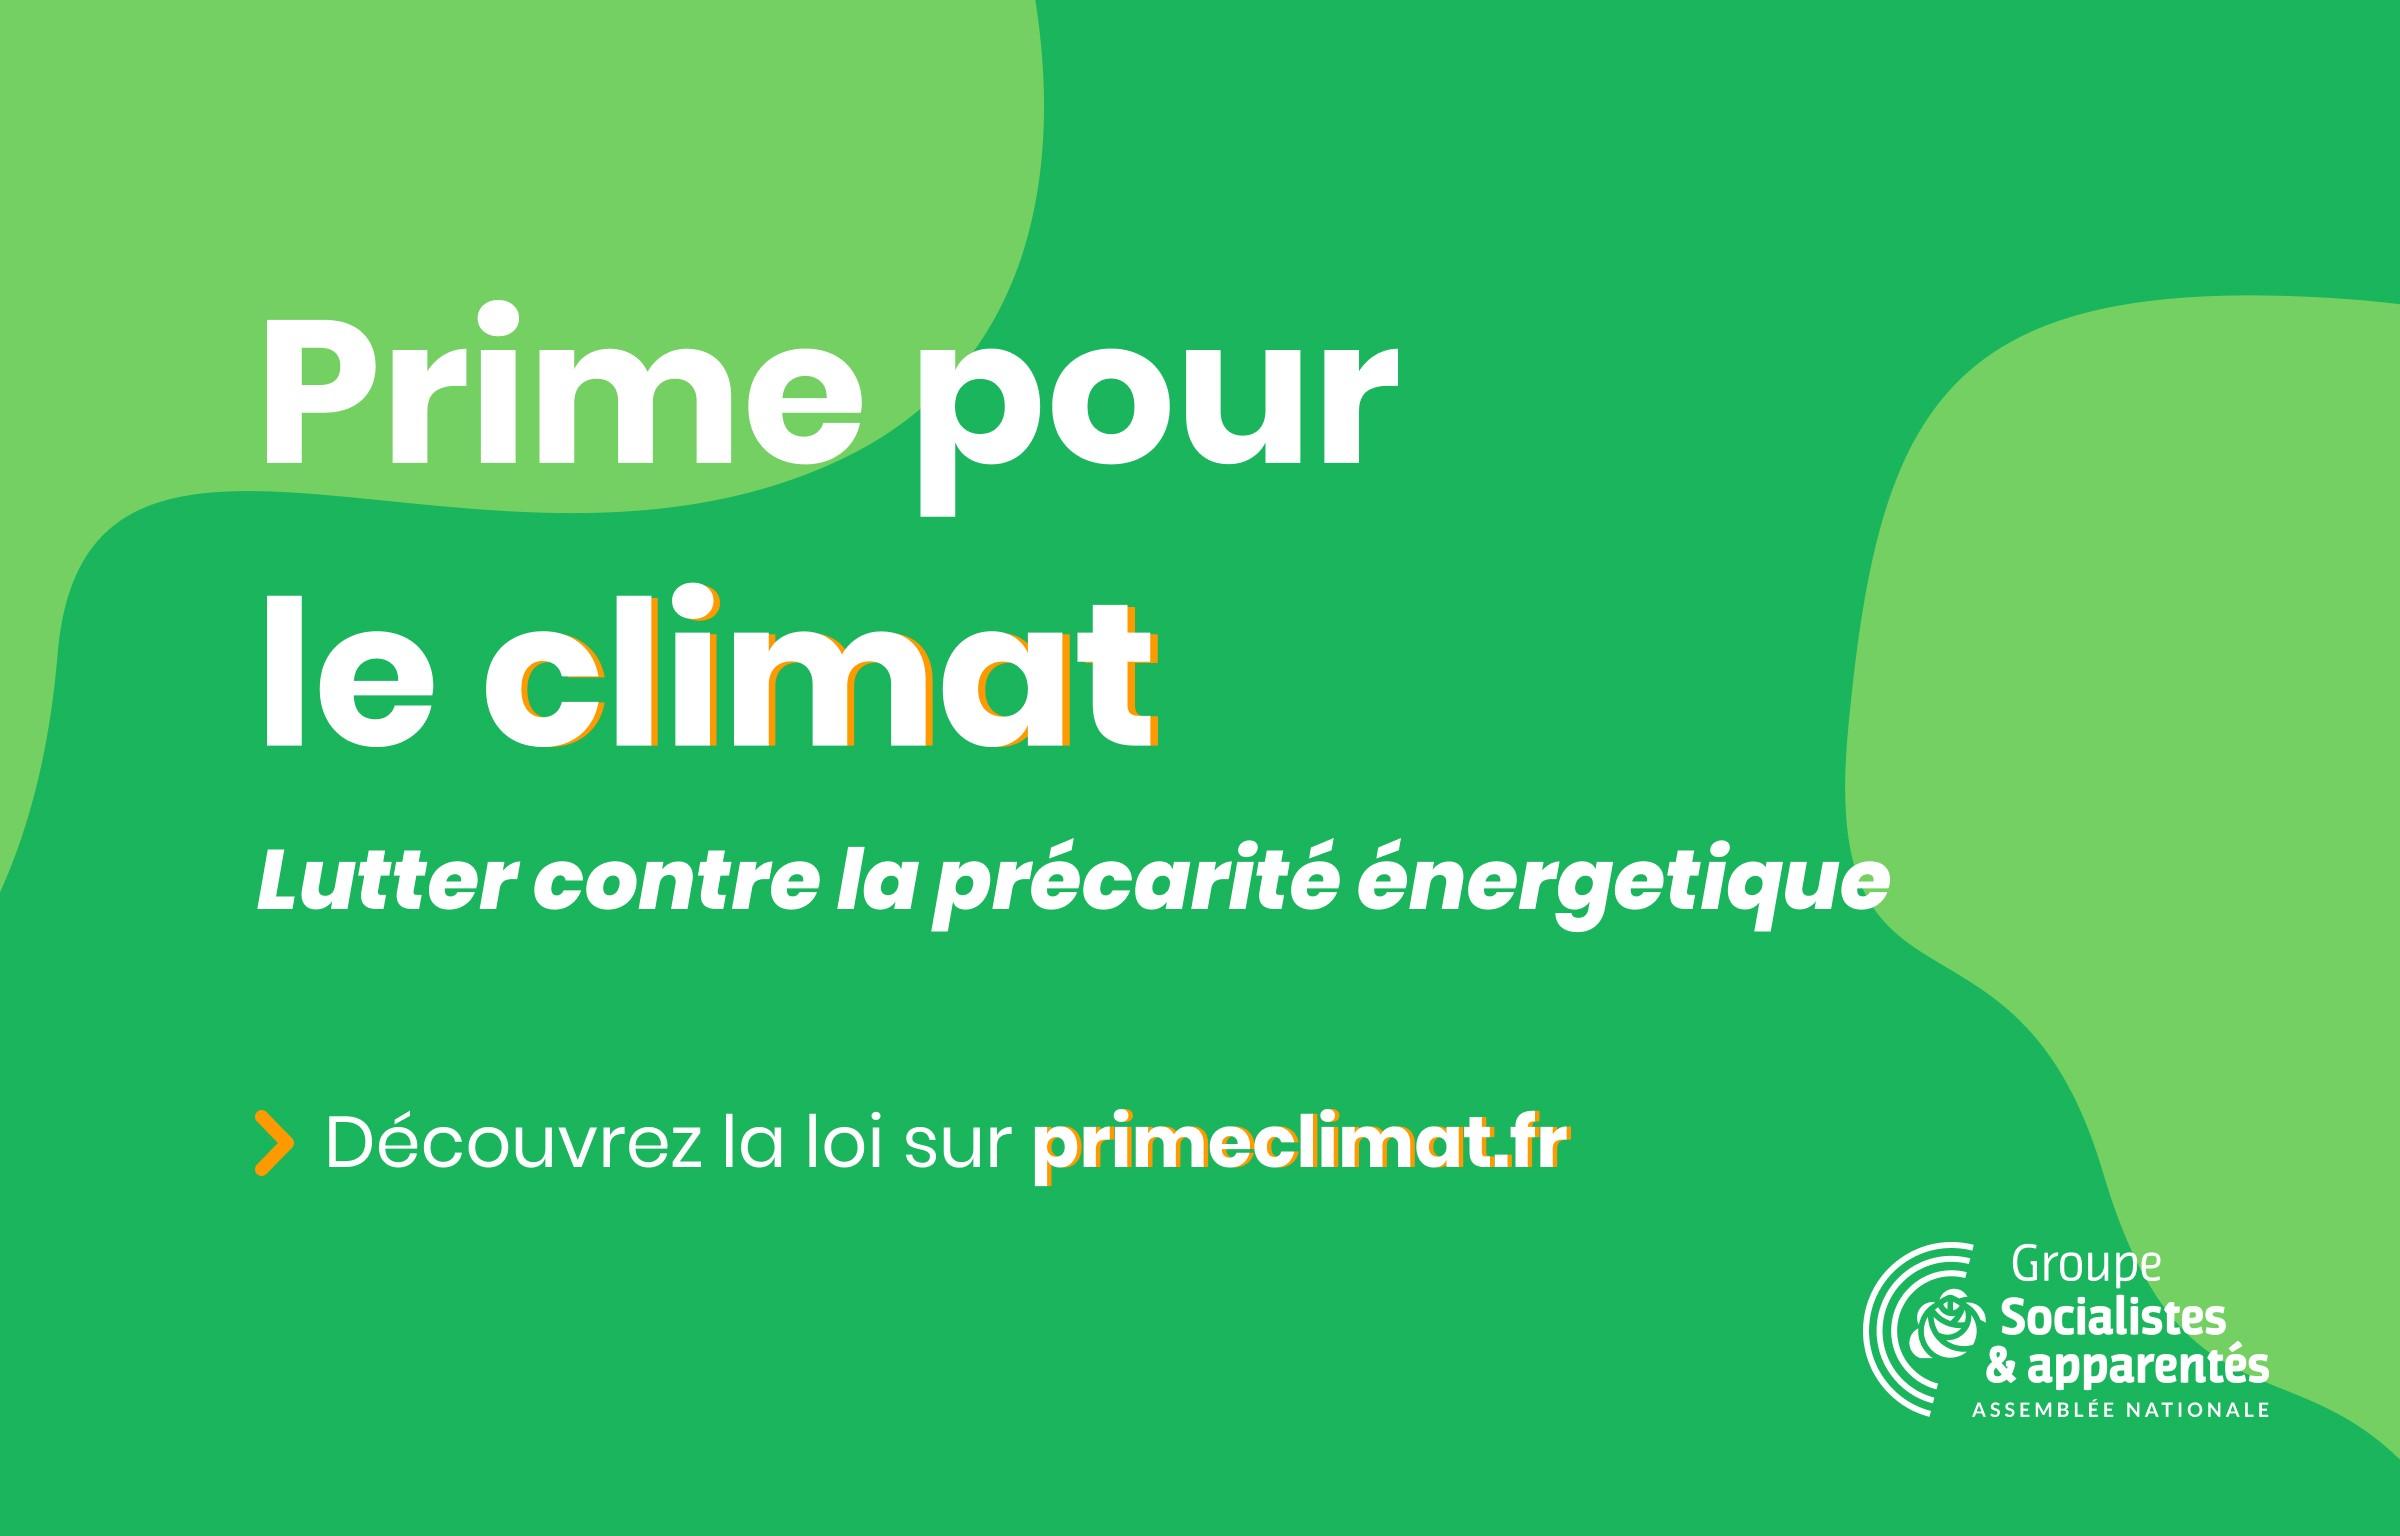 Prime pour le climat : une proposition de loi pour lutter contre la précarité énergétique